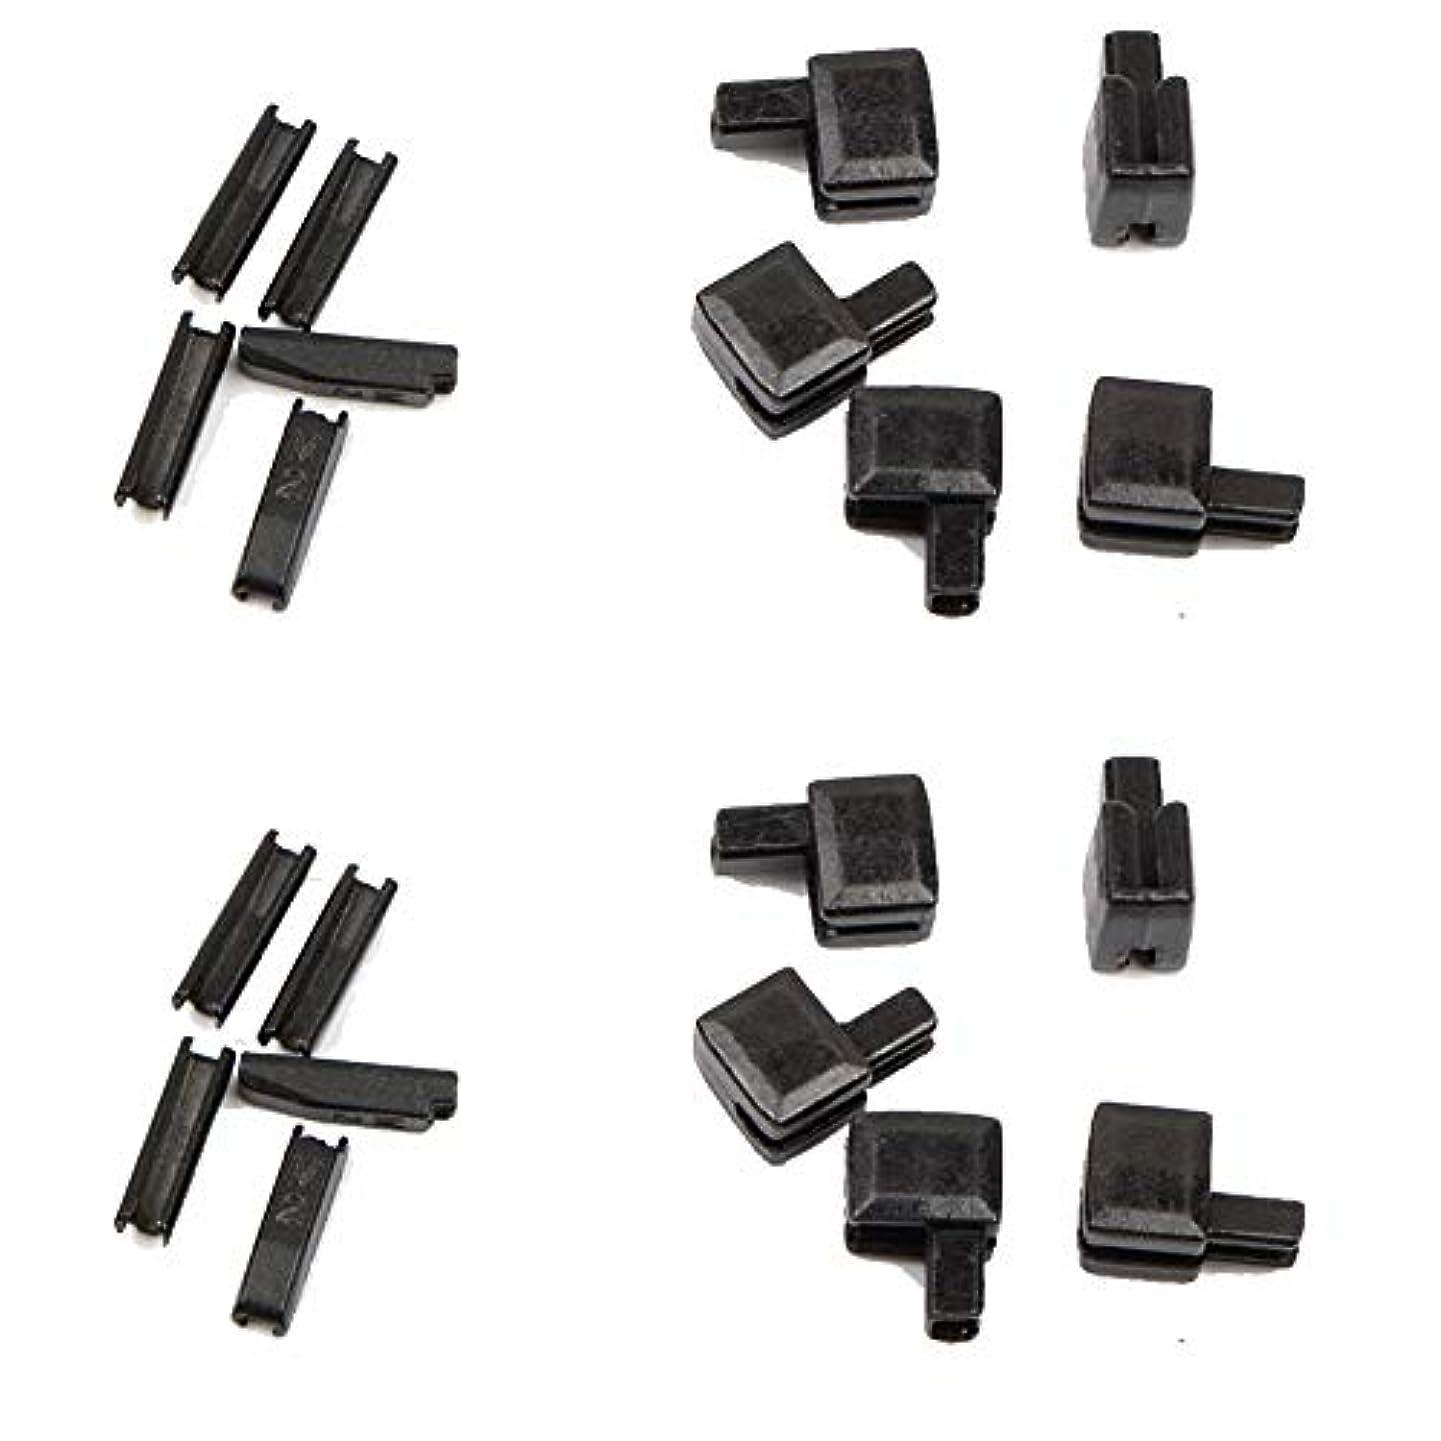 Trycooling 20Pcs Metal Zipper Latch Slider Retainer Insertion Pin Easy for Zipper Repair Zipper Repair Kit (#5) (Black)